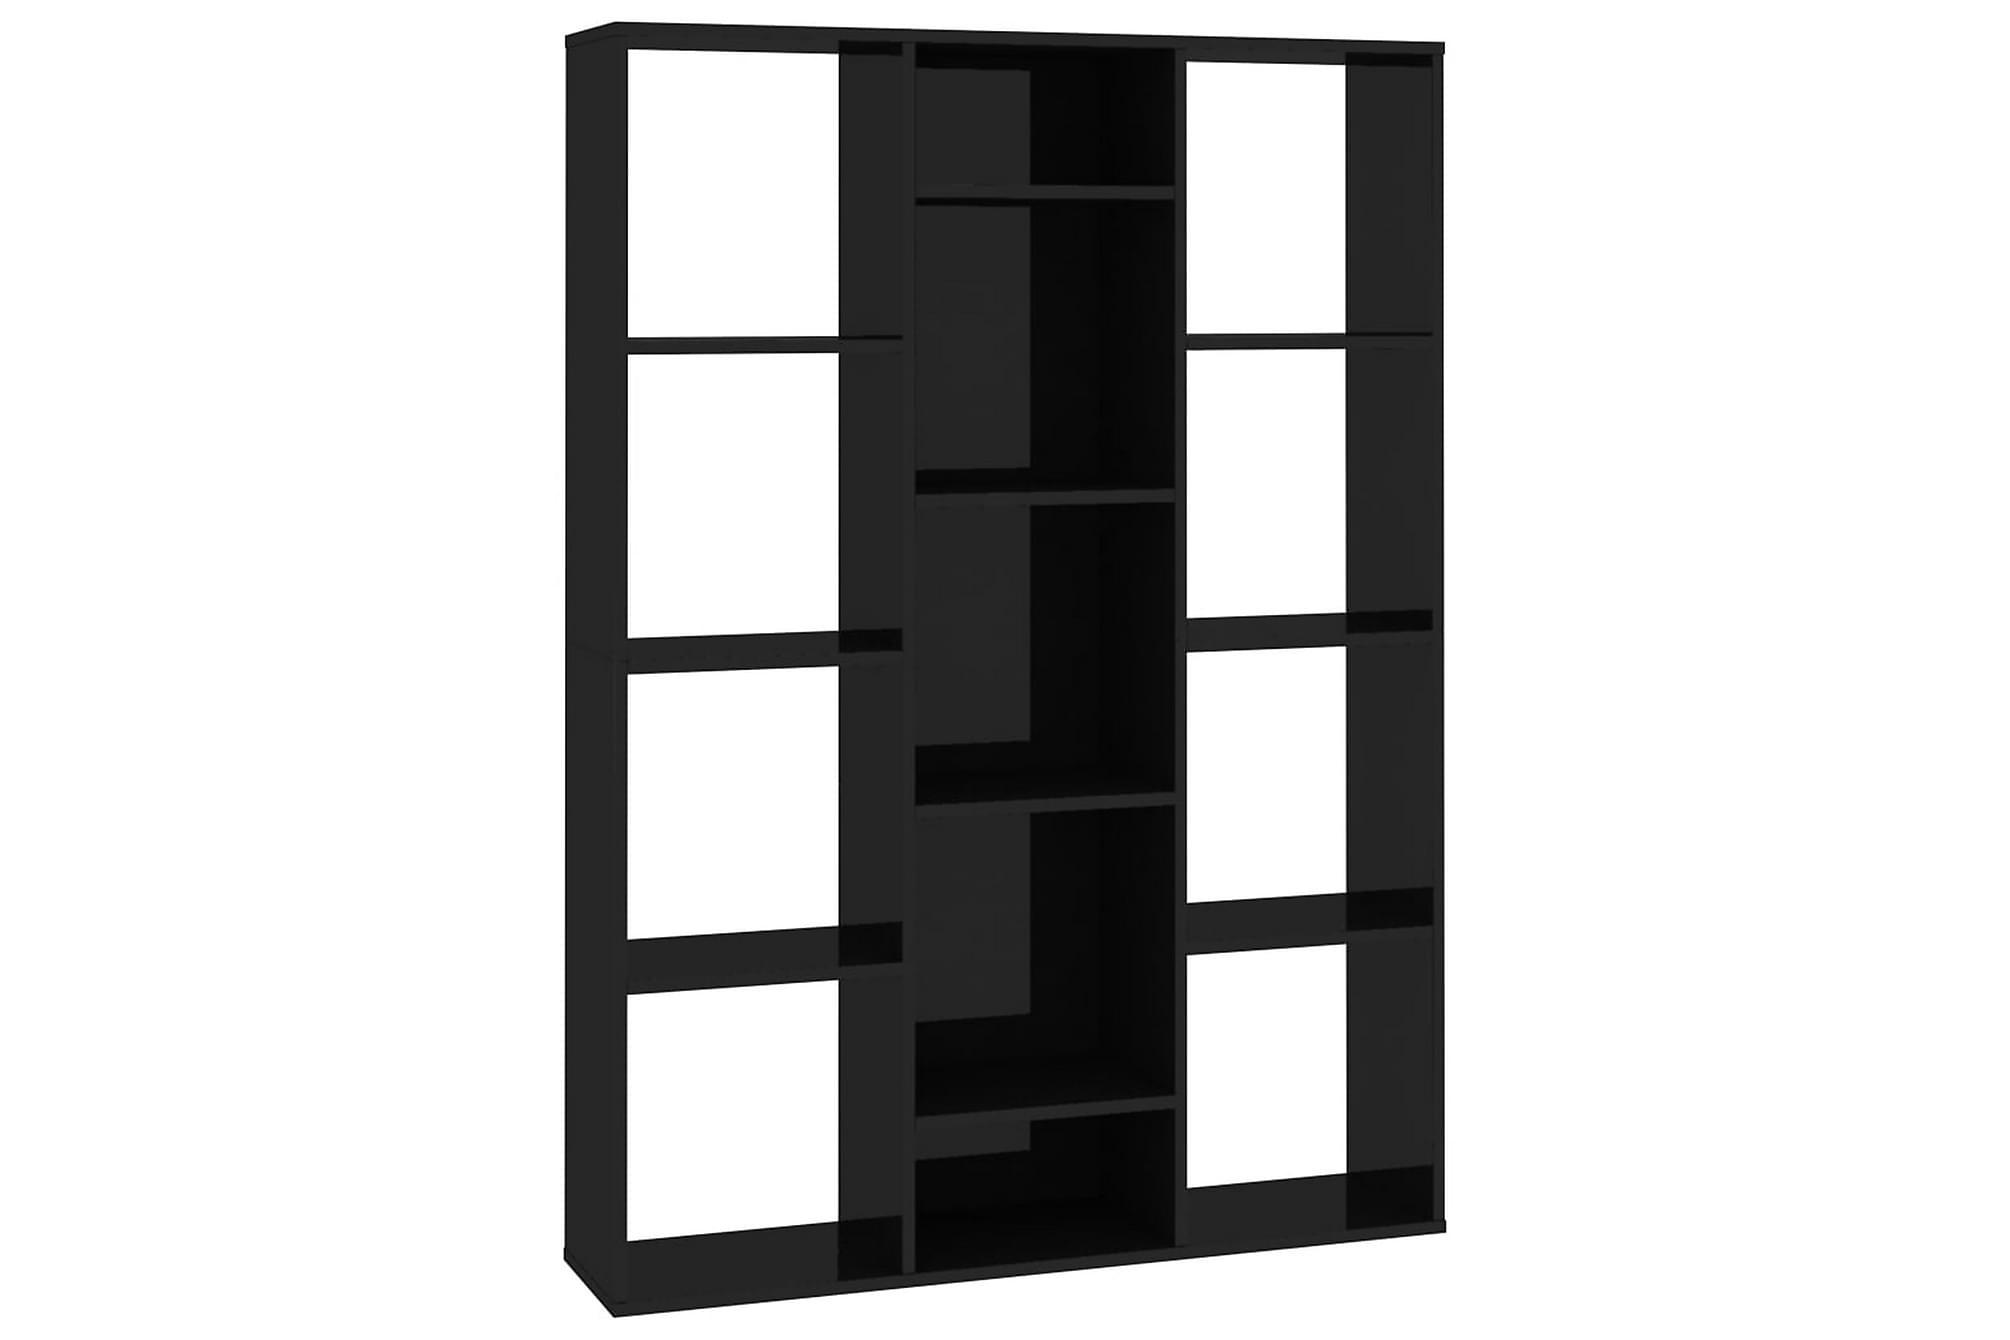 Rumsavdelare/bokhylla svart högglans 100x24x140 cm spånskiva